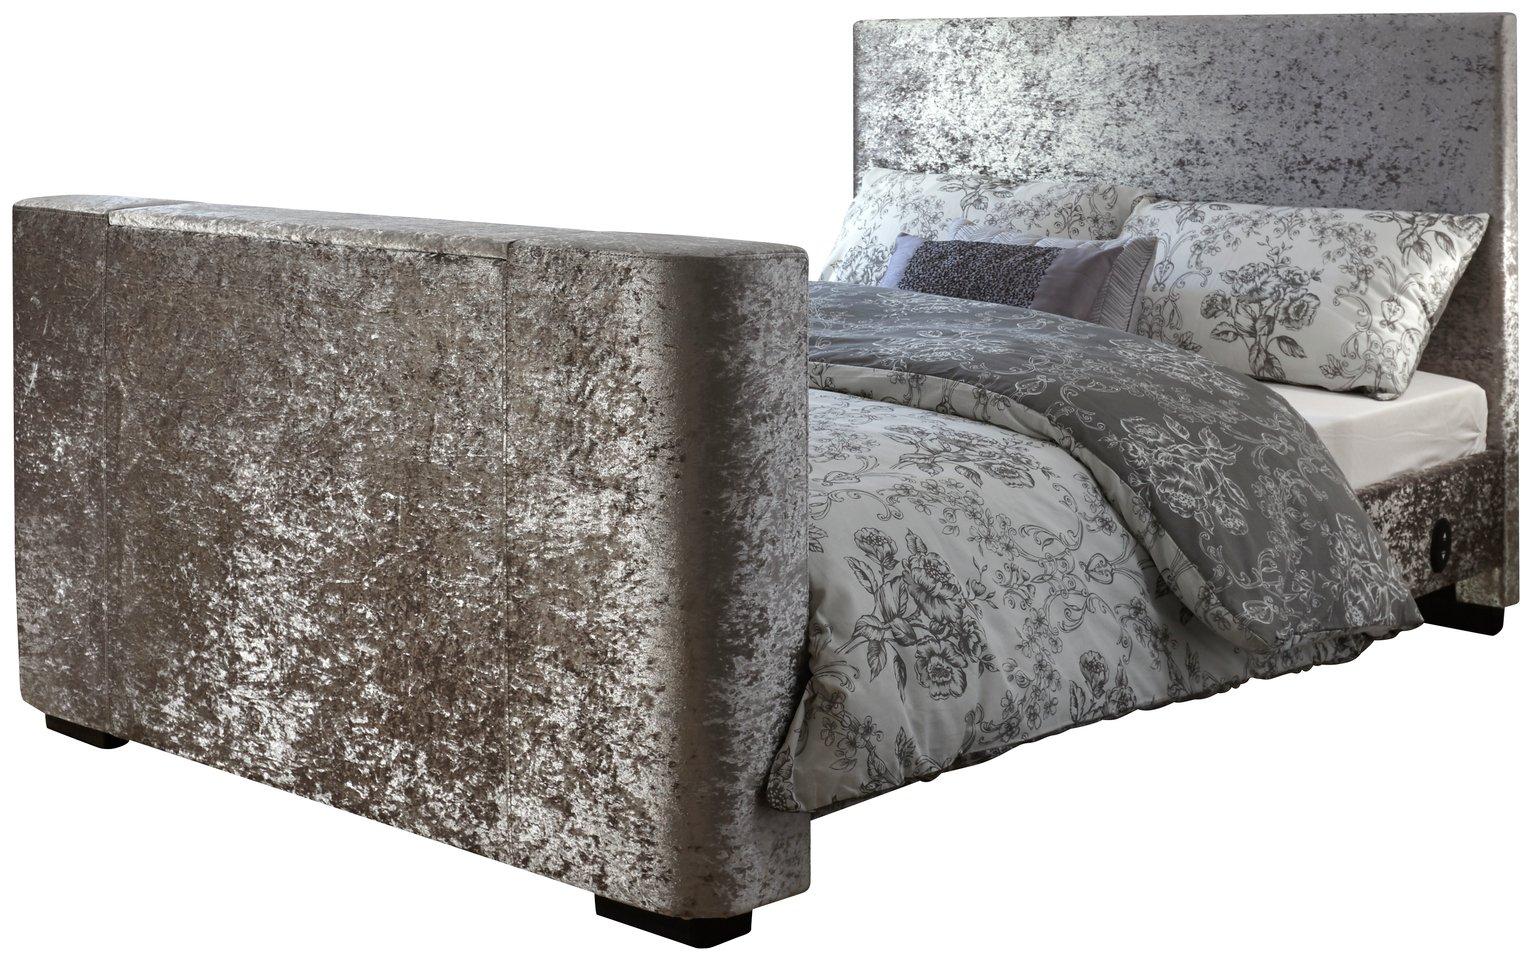 GFW Newark Crushed Velvet Kingsize TV Bed - Silver